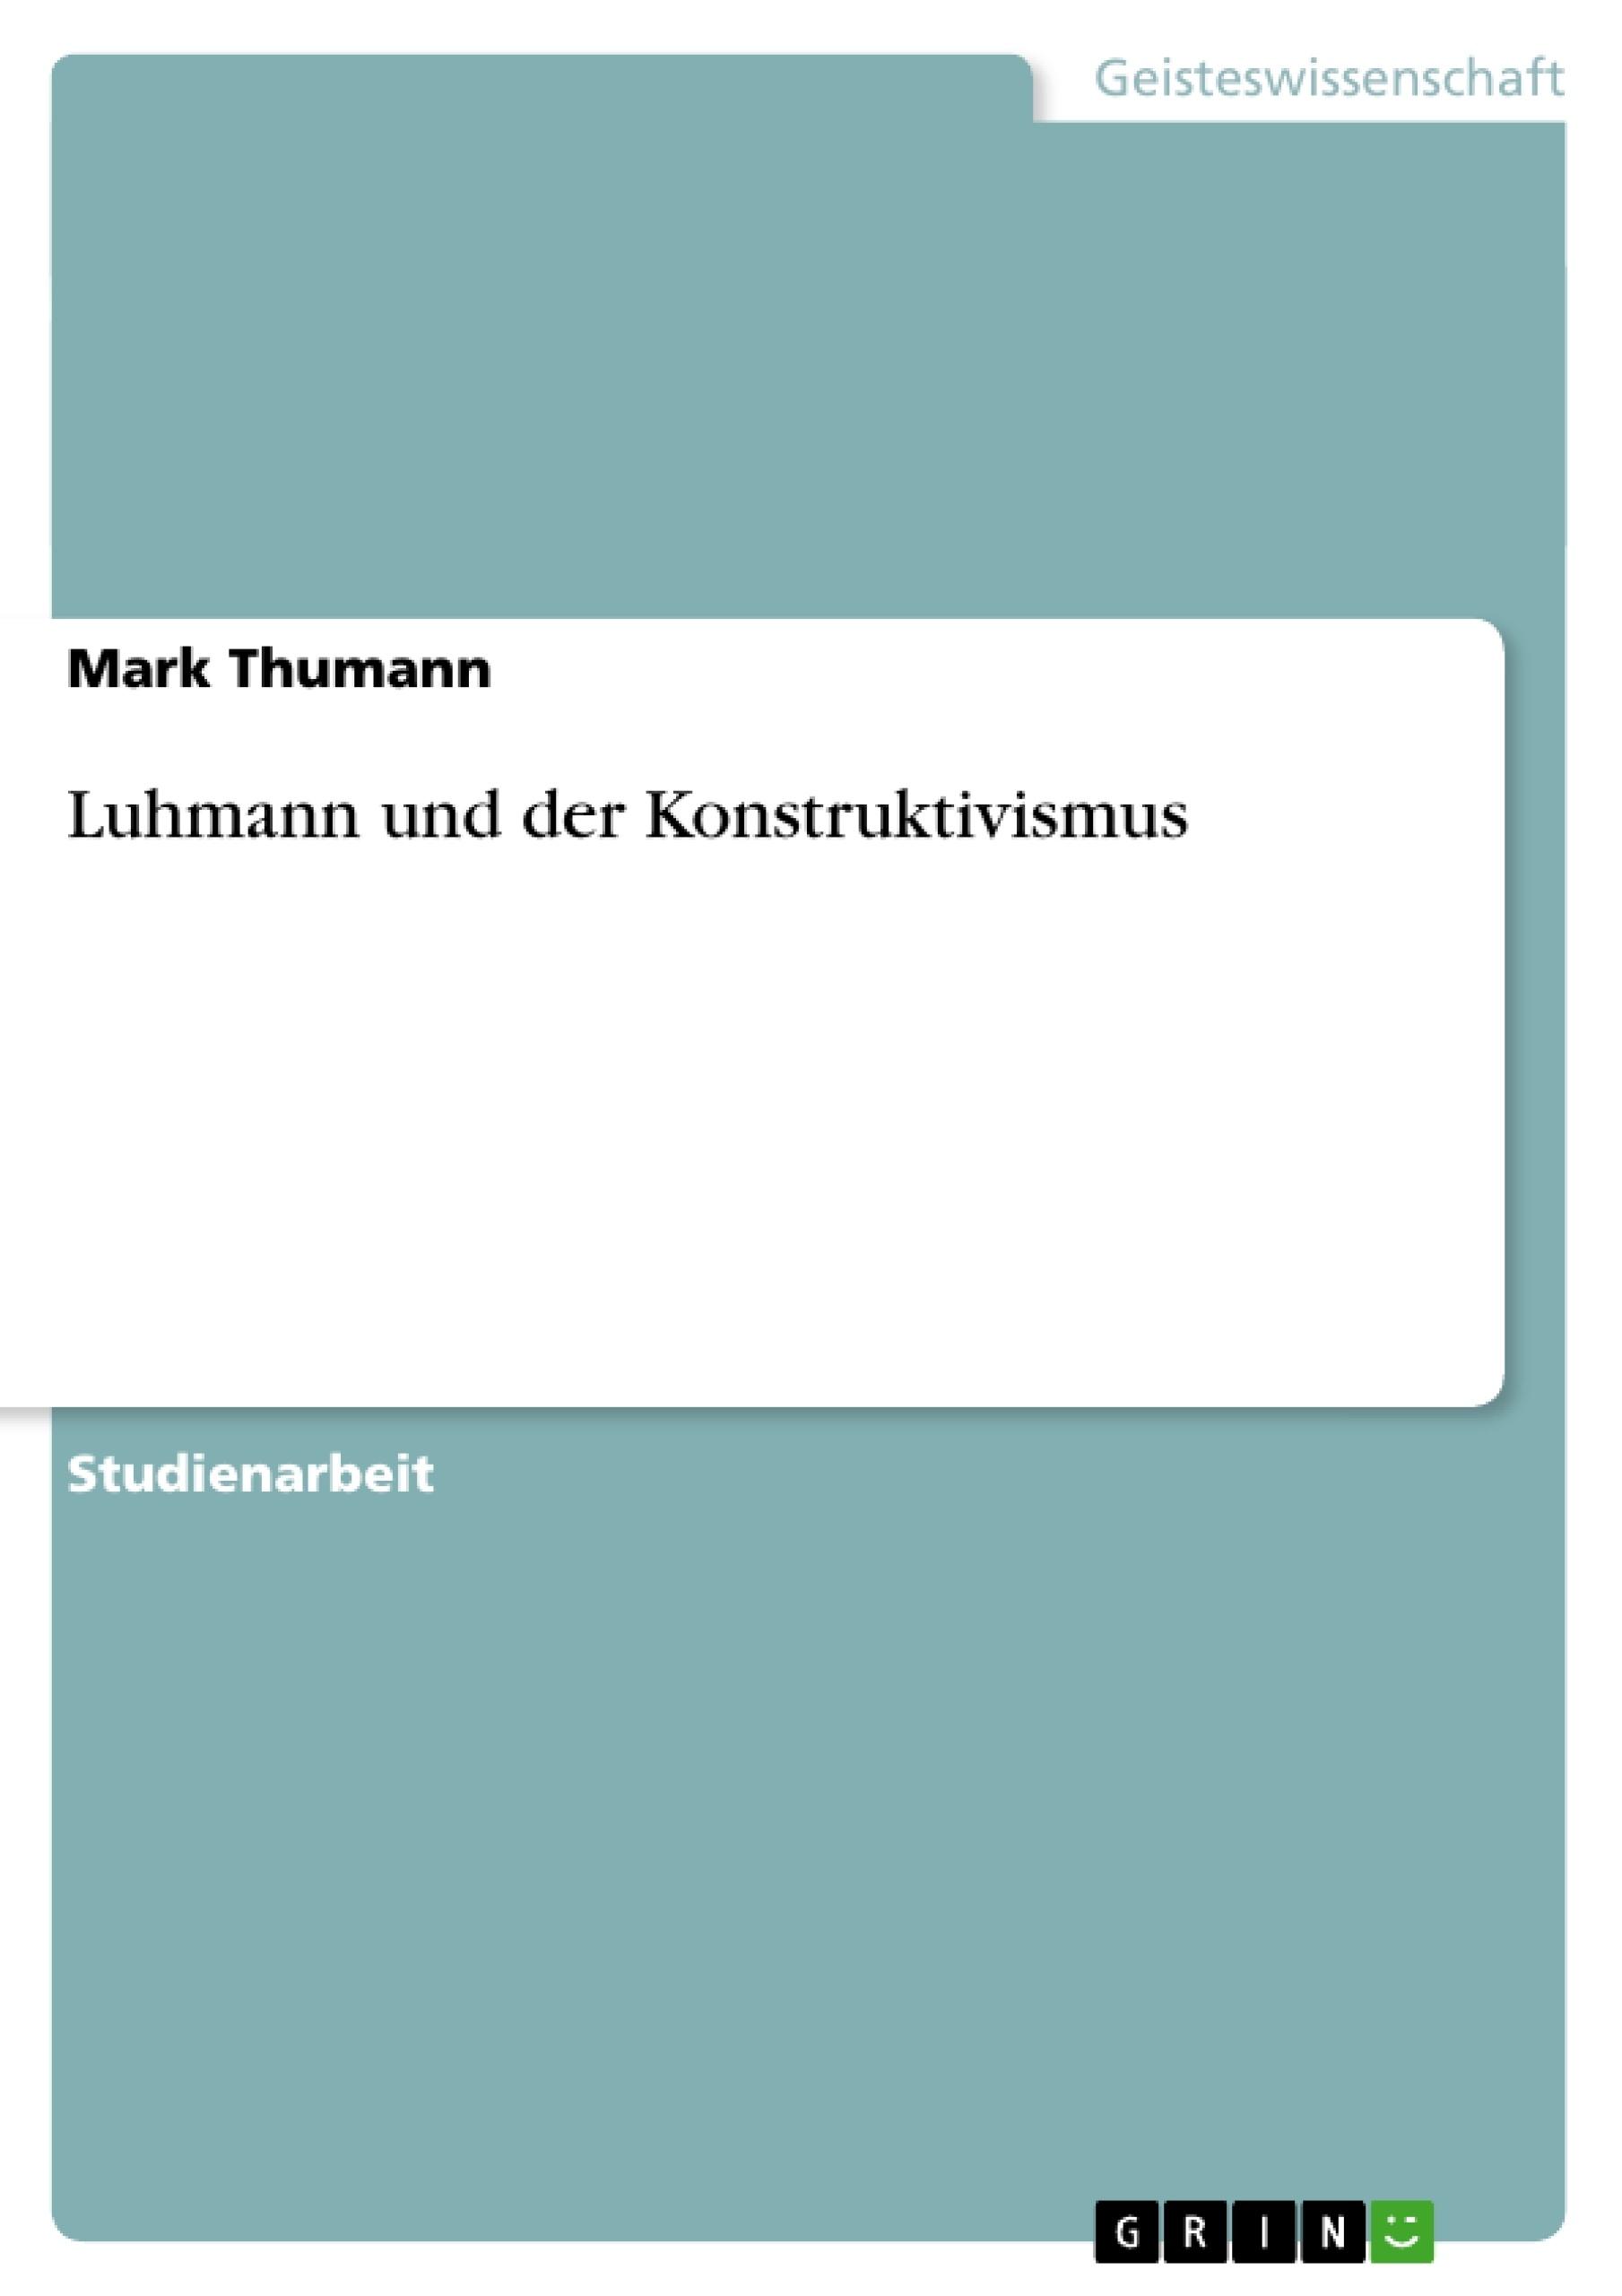 Titel: Luhmann und der Konstruktivismus